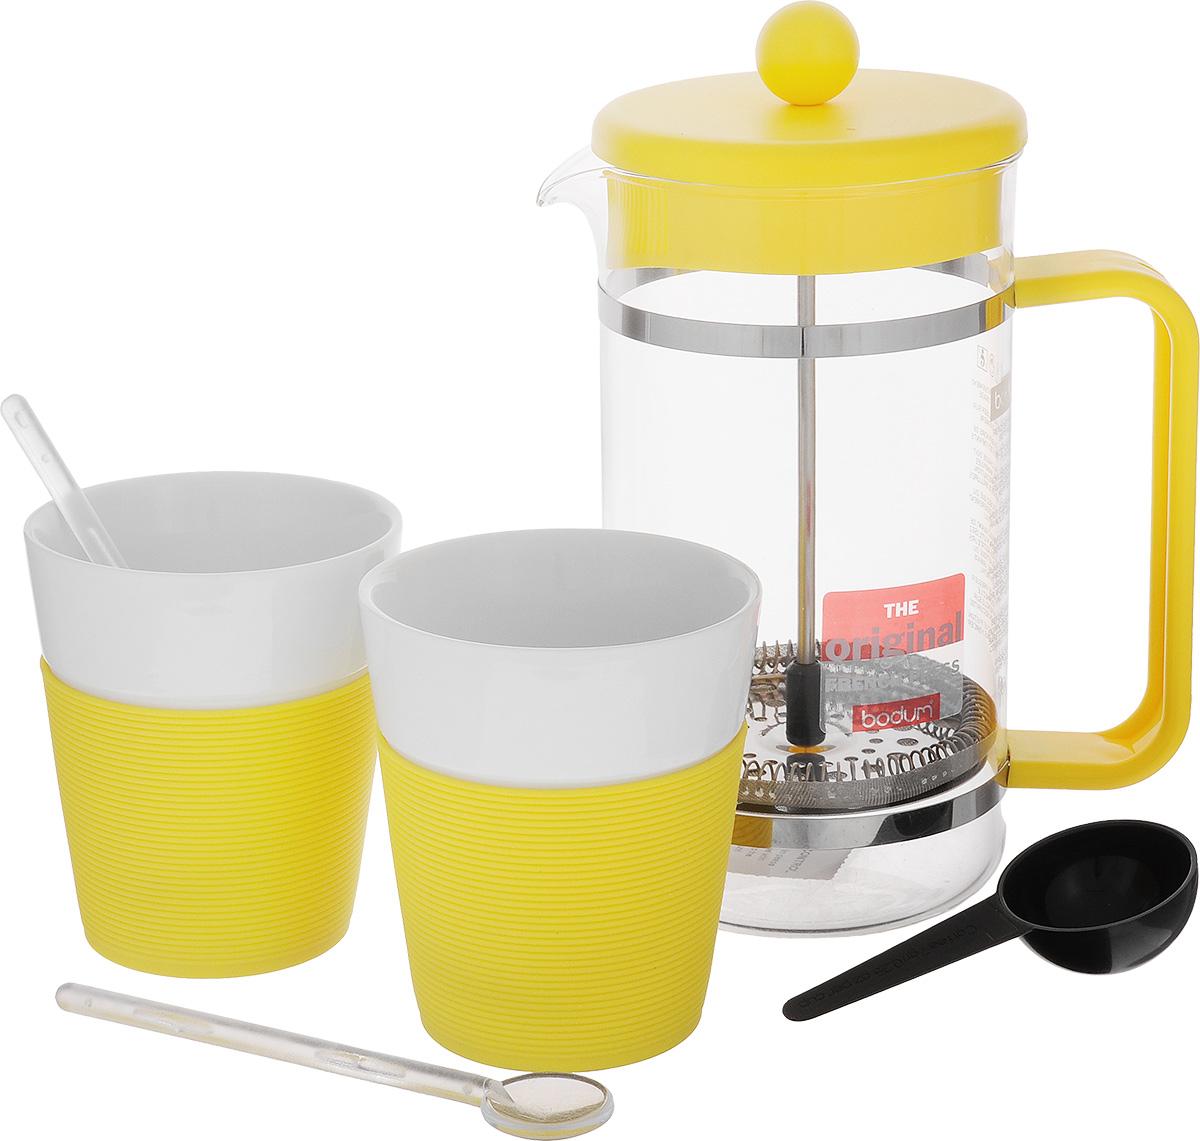 Набор кофейный Bodum Bistro, цвет: желтый, белый, 5 предметовAK1508-957-Y15, AK1508-XY-Y15Кофейный набор Bodum Bistro состоит из чайника френч-пресса, 2 стаканов и 2 ложек. Френч-пресс выполнен из высококачественного жаропрочного стекла, нержавеющей стали и пластика. Френч-пресс - это заварочный чайник, который поможет быстро приготовить вкусный и ароматный чай или кофе. Металлический нержавеющий фильтр задерживает чайные листочки и частички зерен кофе. Засыпая чайную заварку или кофе под фильтр, заливая горячей водой, вы получаете ароматный напиток с оптимальной крепостью и насыщенностью. Остановить процесс заваривания легко, для этого нужно просто опустить поршень, и все уйдет вниз, оставляя сверху напиток, готовый к употреблению. Для френч-пресса предусмотрена специальная пластиковая ложечка. Элегантные стаканы выполнены из высококачественного фарфора и оснащены резиновой вставкой, защищающей ваши руки от высоких температур. В комплекте - 2 мерные ложечки, выполненные из пластика. Яркий и стильный набор украсит стол к чаепитию и станет чудесным подарком к любому случаю. Изделия можно мыть в посудомоечной машине.Объем френч-пресса: 1 л. Диаметр френч-пресса (по верхнему краю): 10 см. Высота френч-пресса: 22 см. Объем стакана: 300 мл. Диаметр стакана по верхнему краю: 8 см. Высота стакана: 10 см. Длина мерной ложки: 14 см.